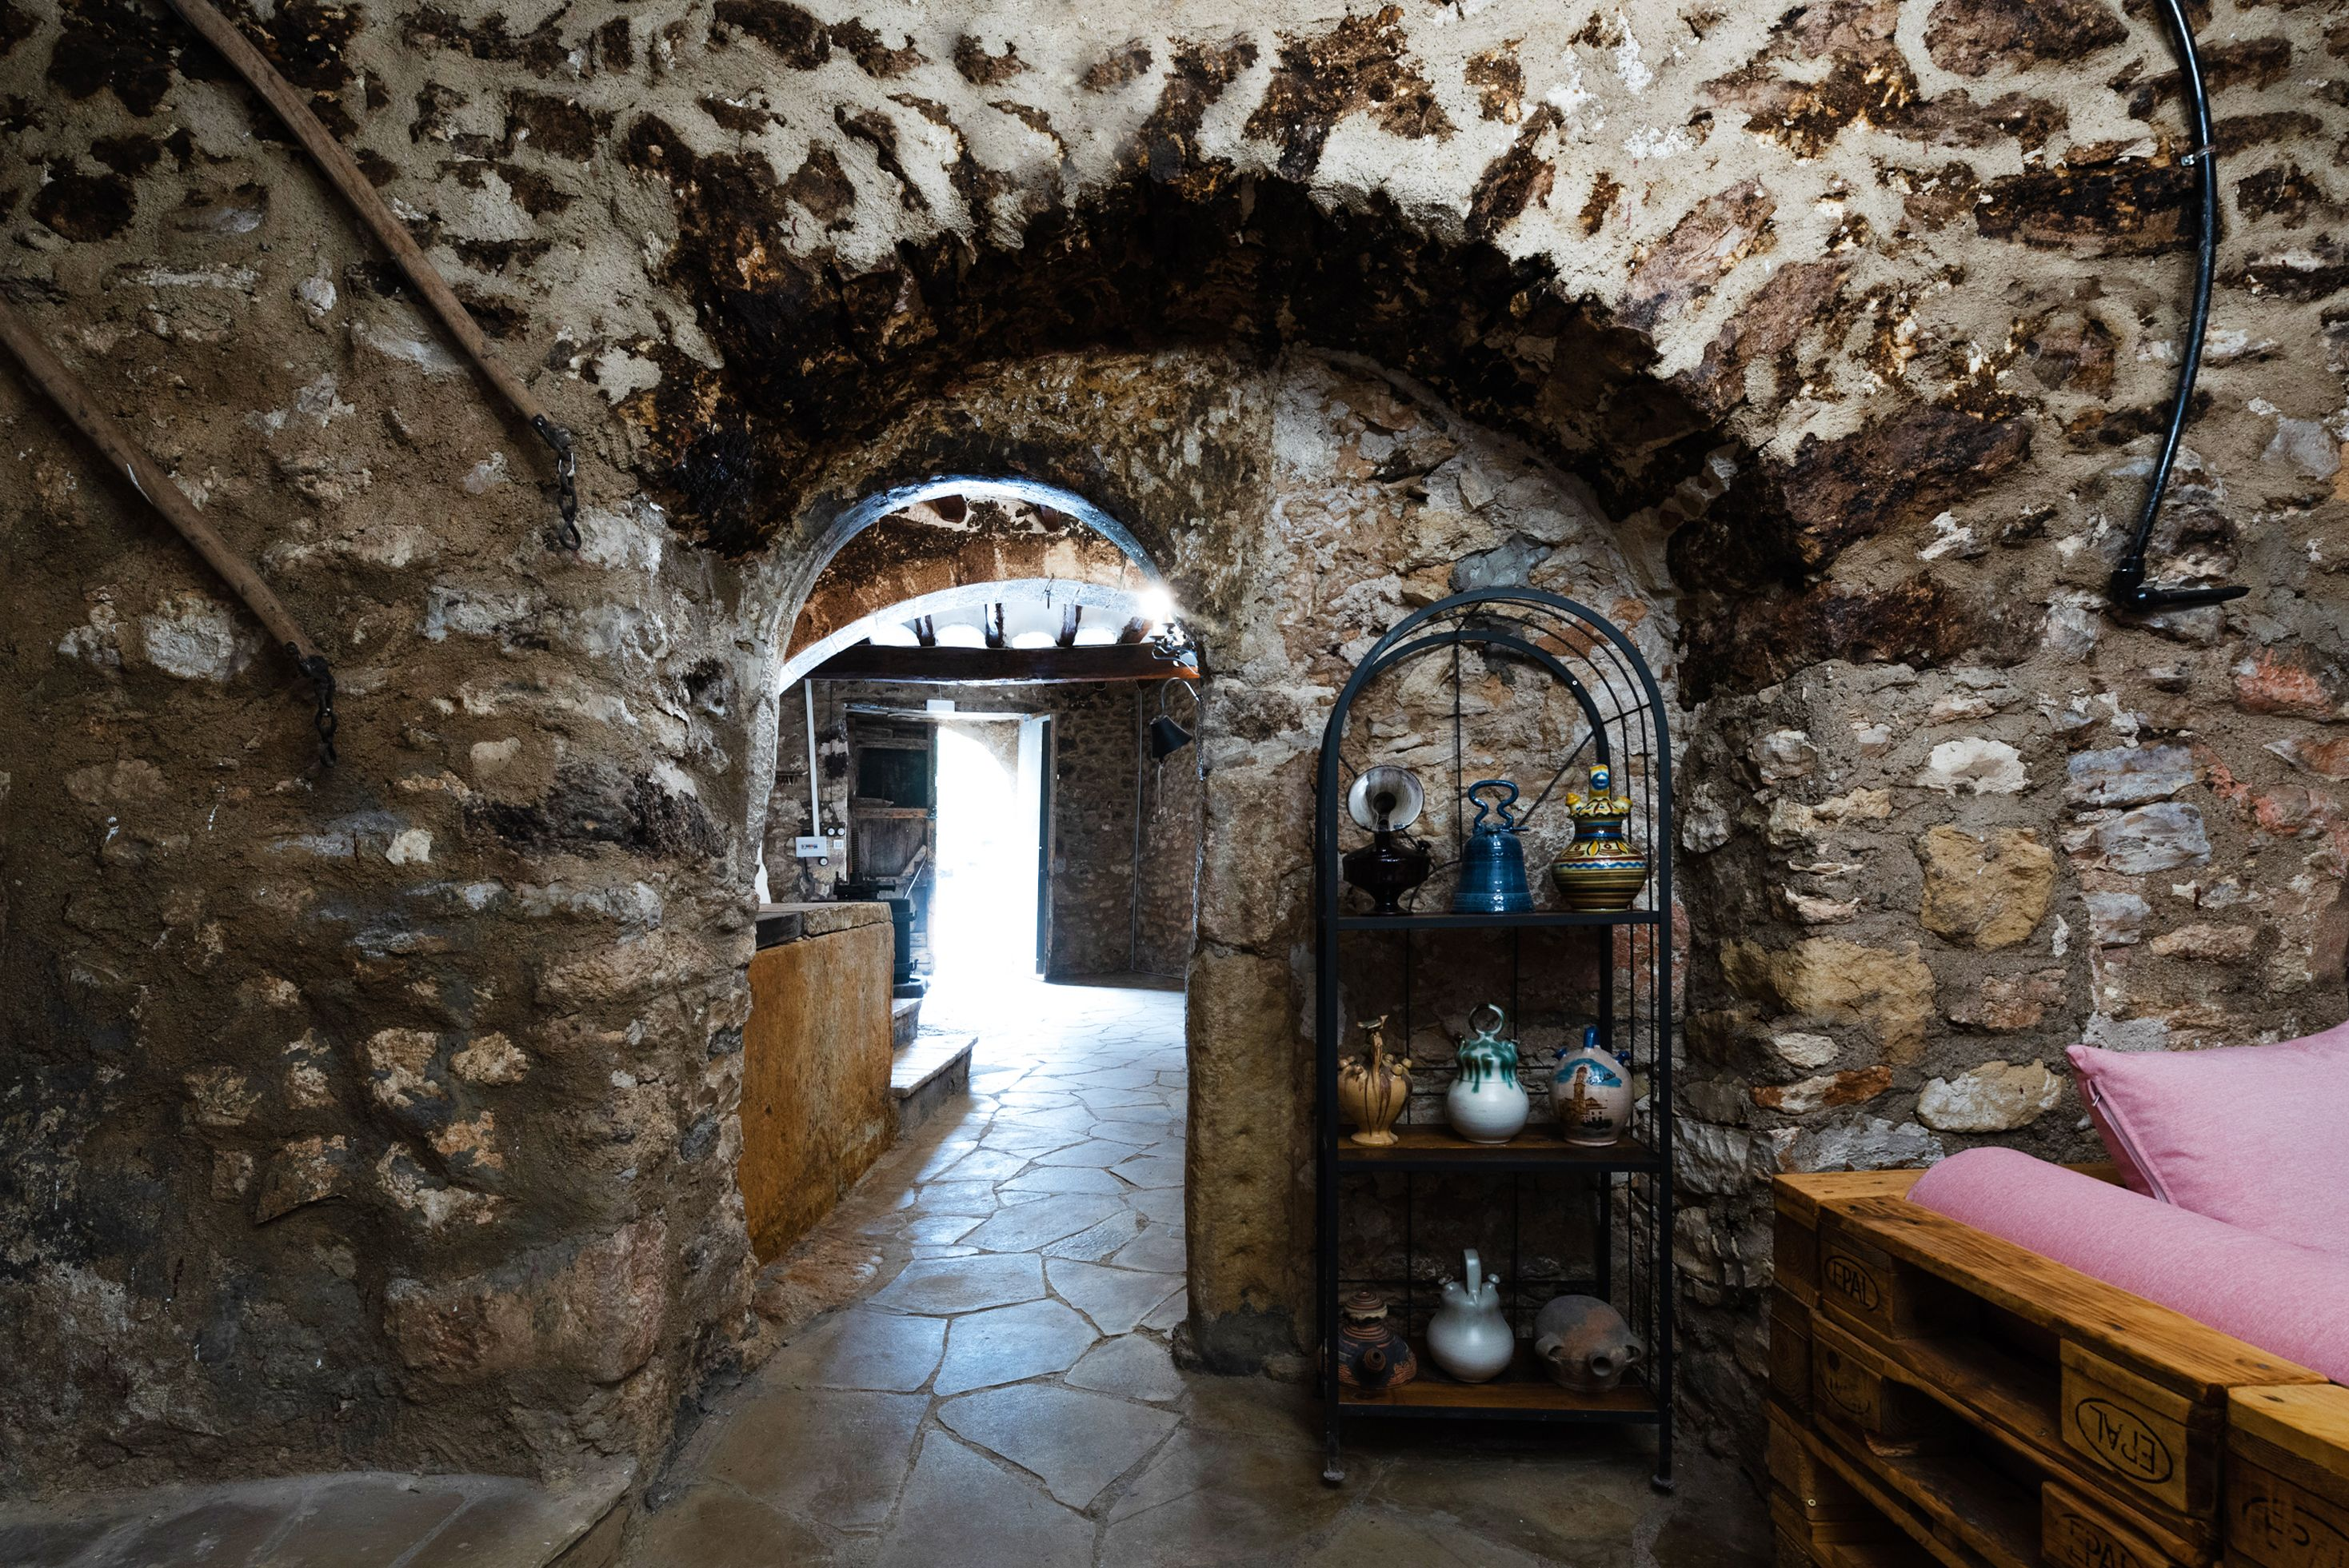 Foto 77 de Alquiler de casa rural en El Catllar | Masía Más d'en Tarrés